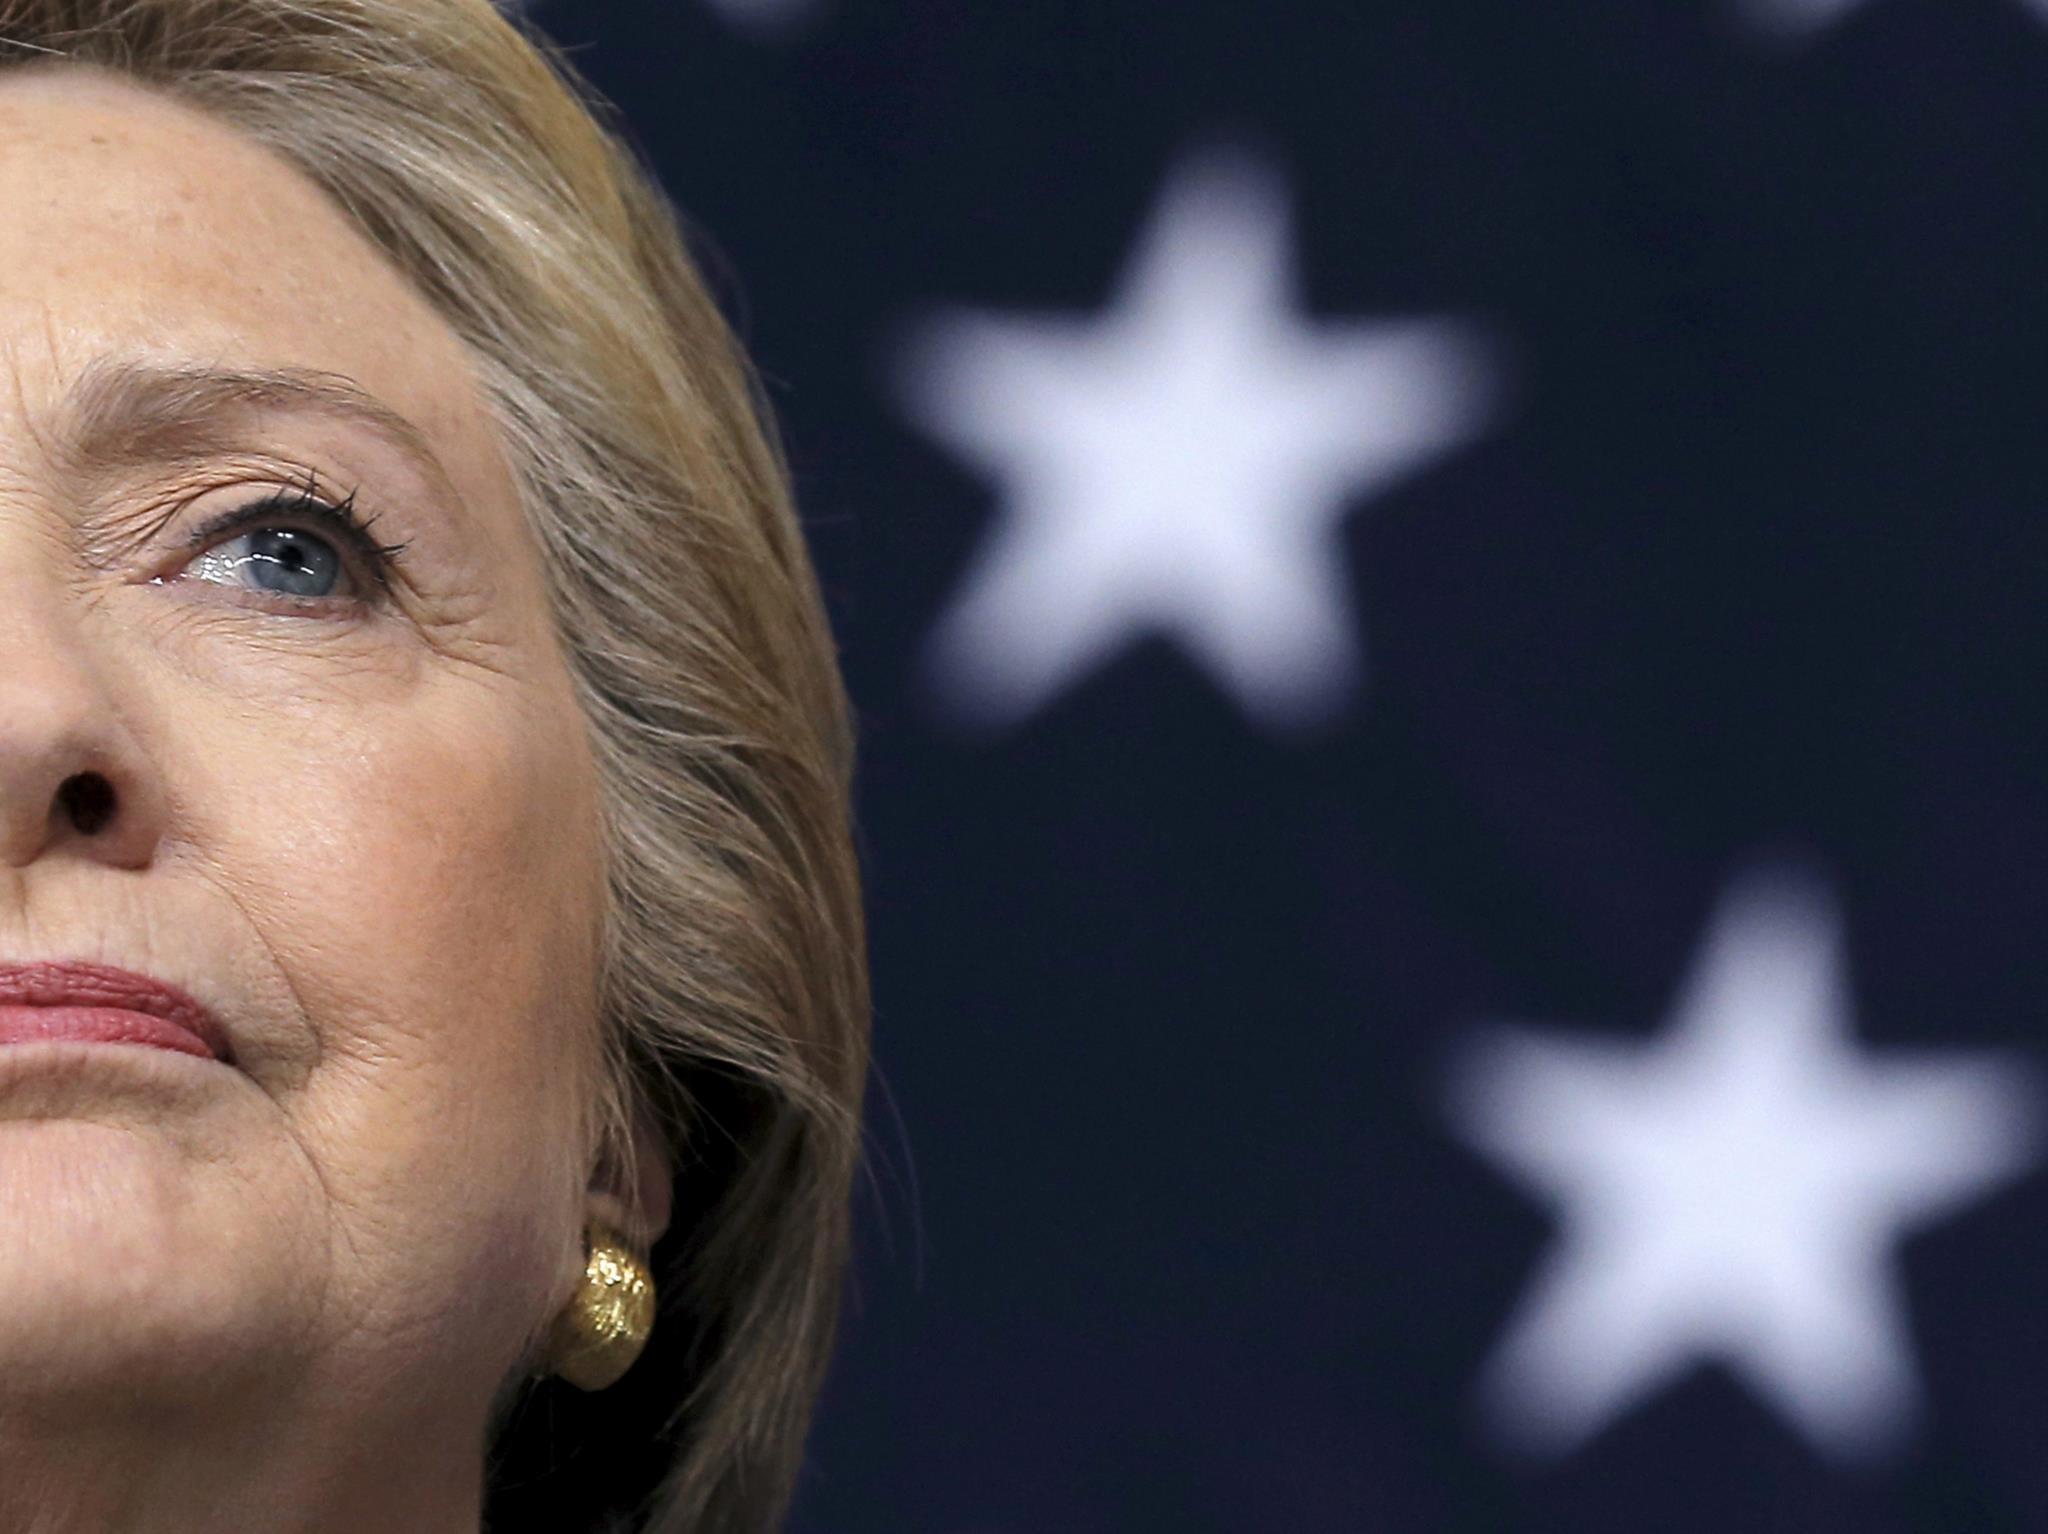 Clinton perdeu as eleições e continua a acreditar no poder feminino